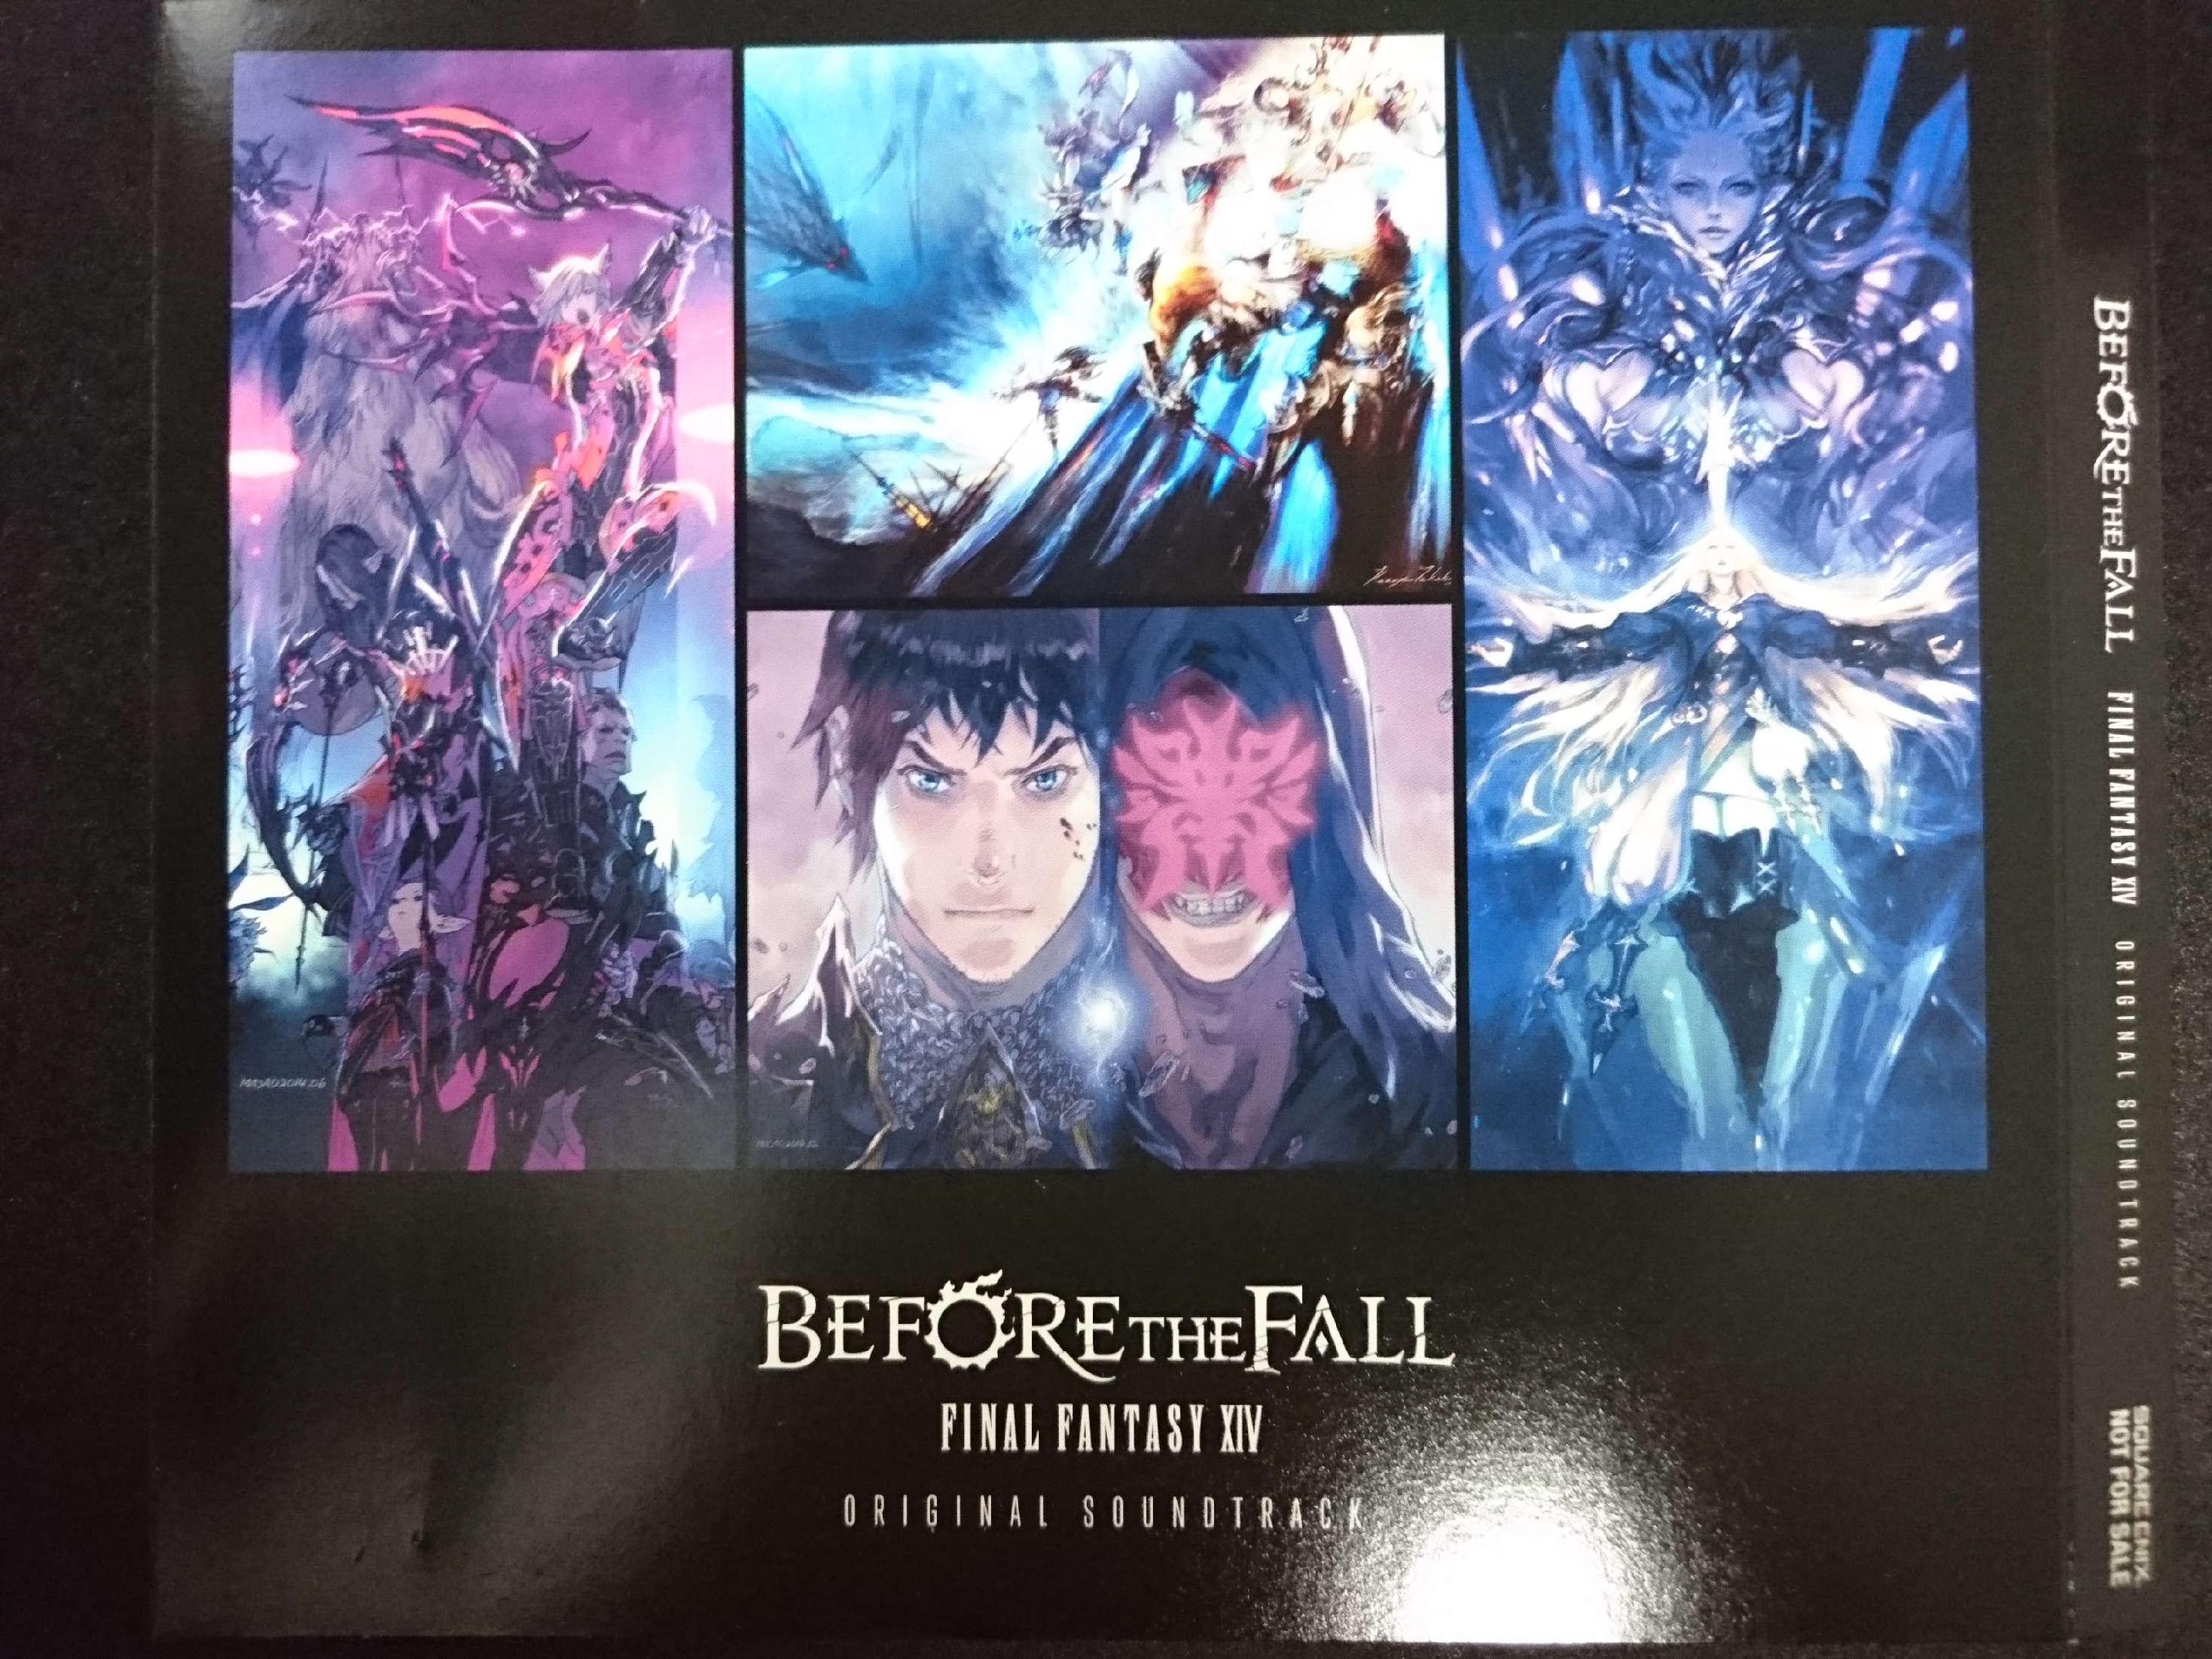 Before The Fall Final Fantasy XIV オリジナルサウンドトラックスクエニ特典